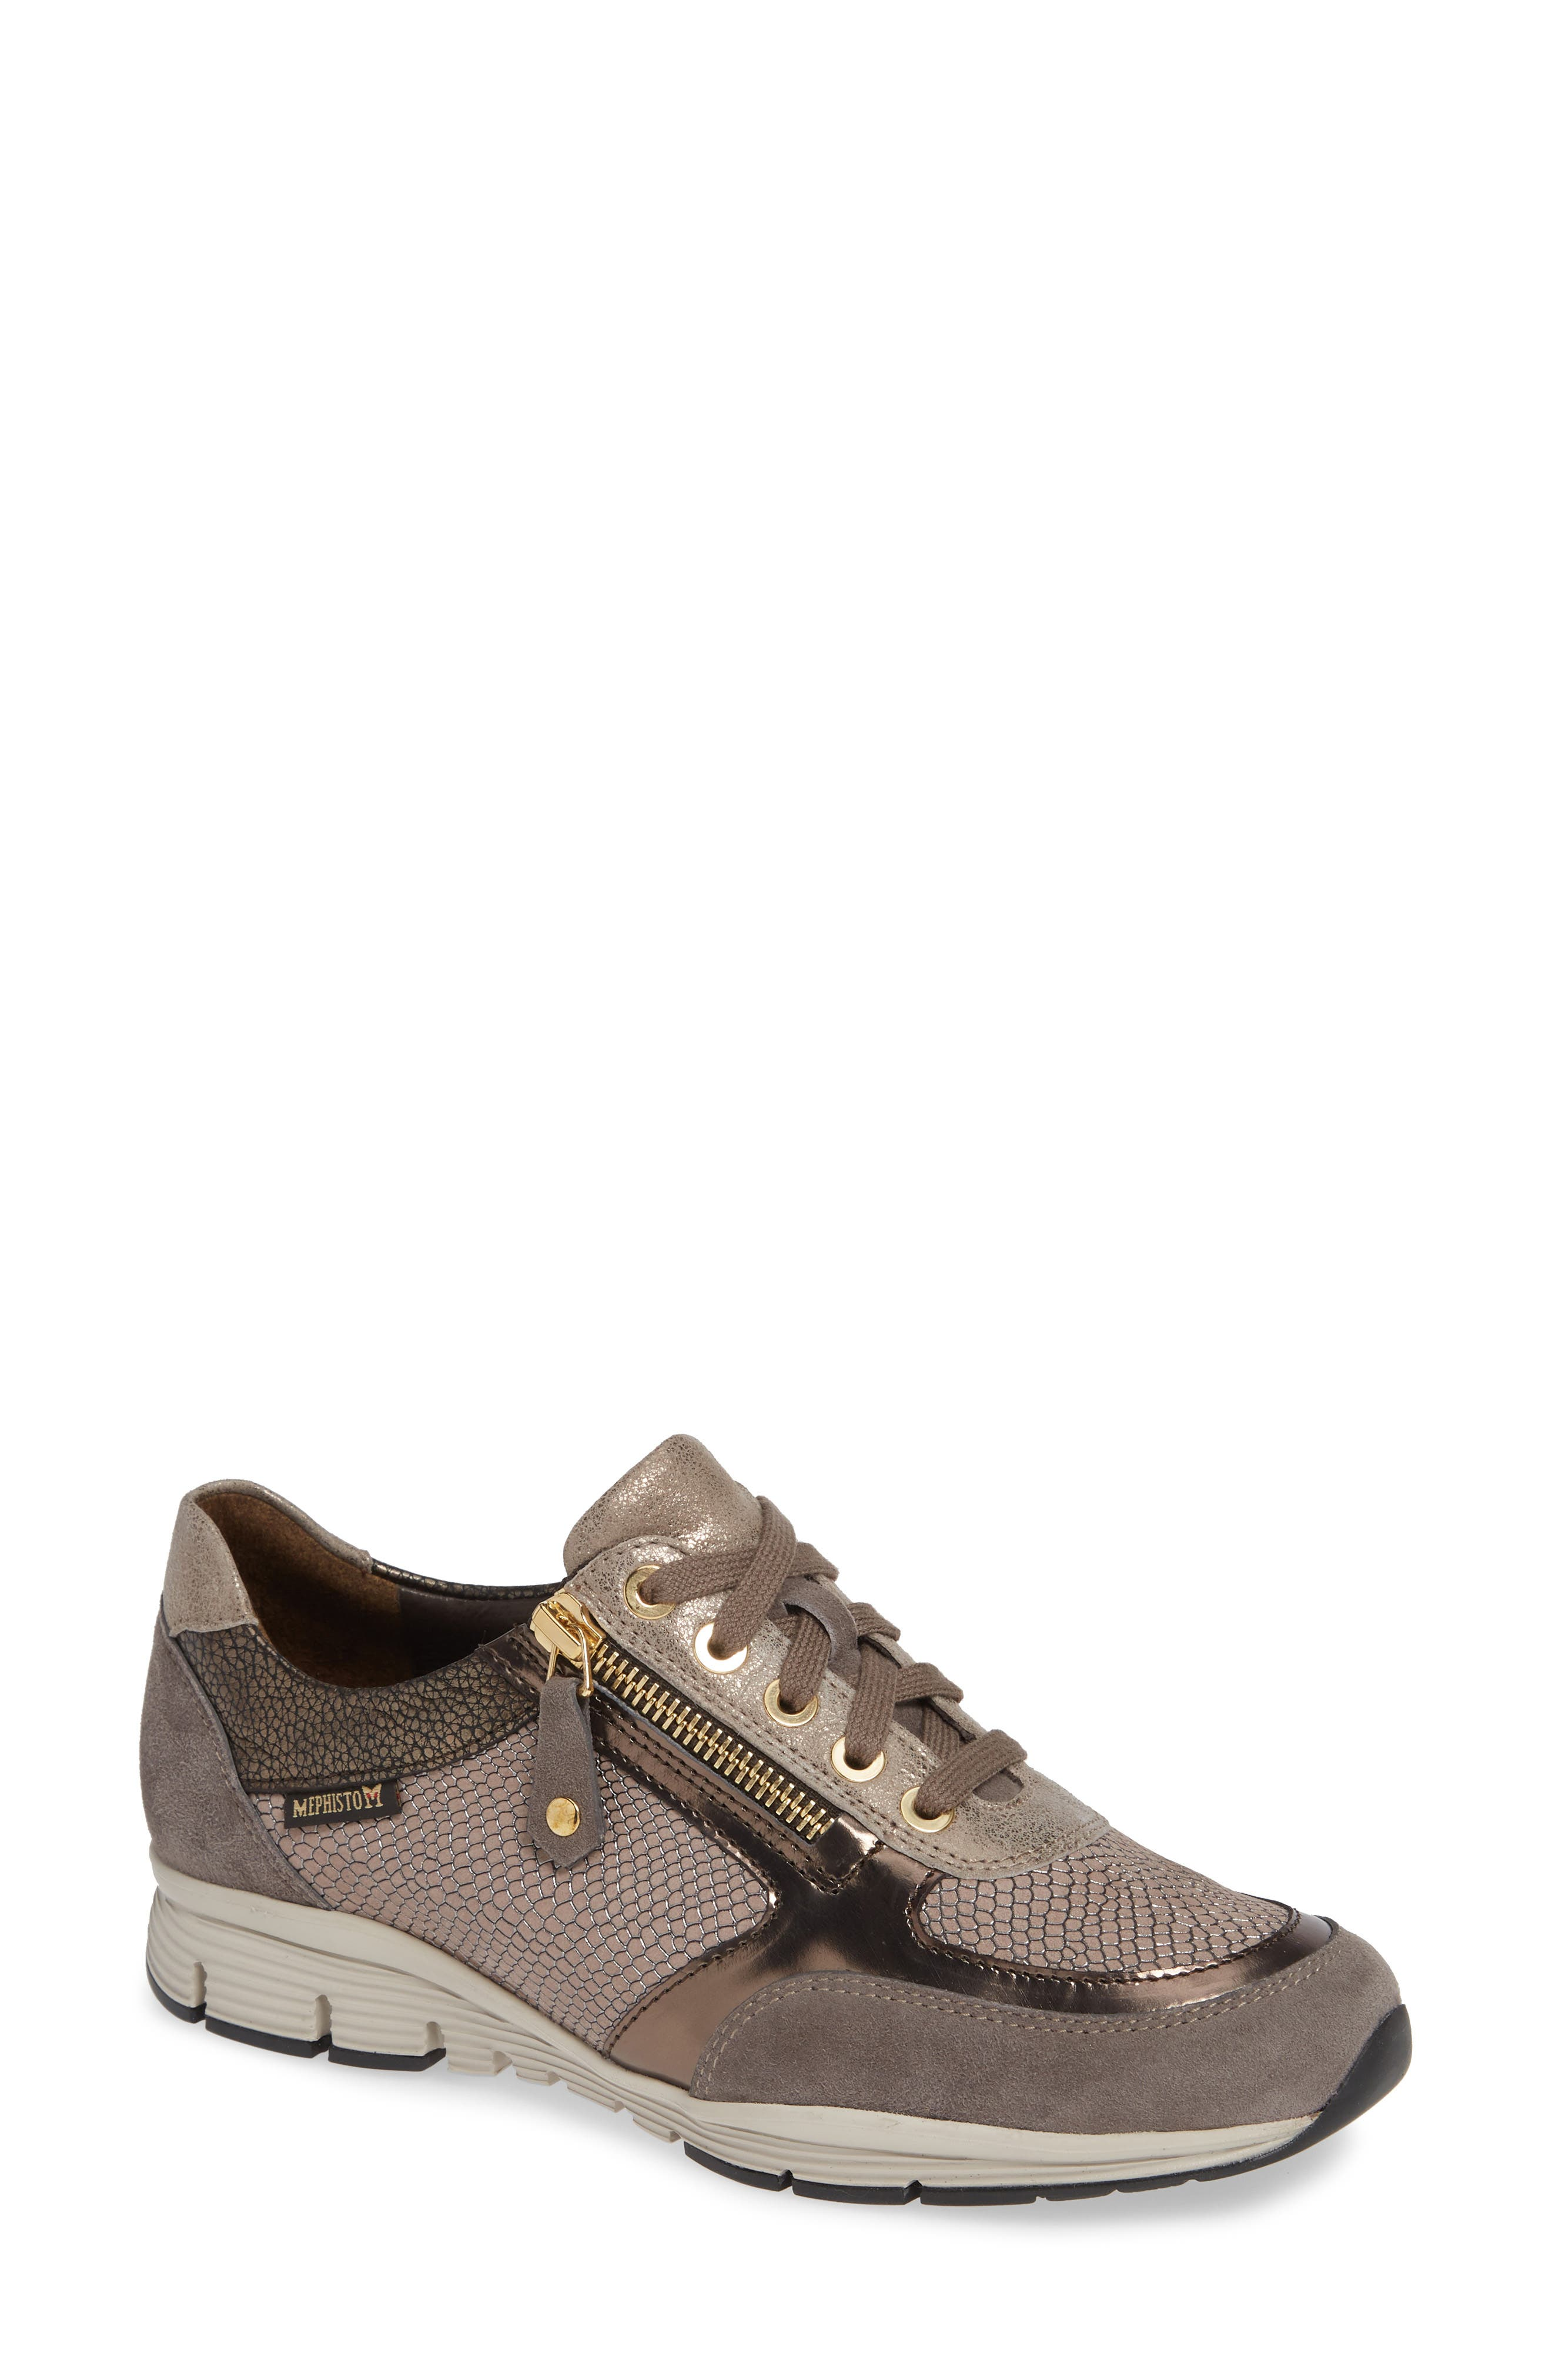 MEPHISTO Ylona Sneaker, Main, color, DARK GREY SUEDE